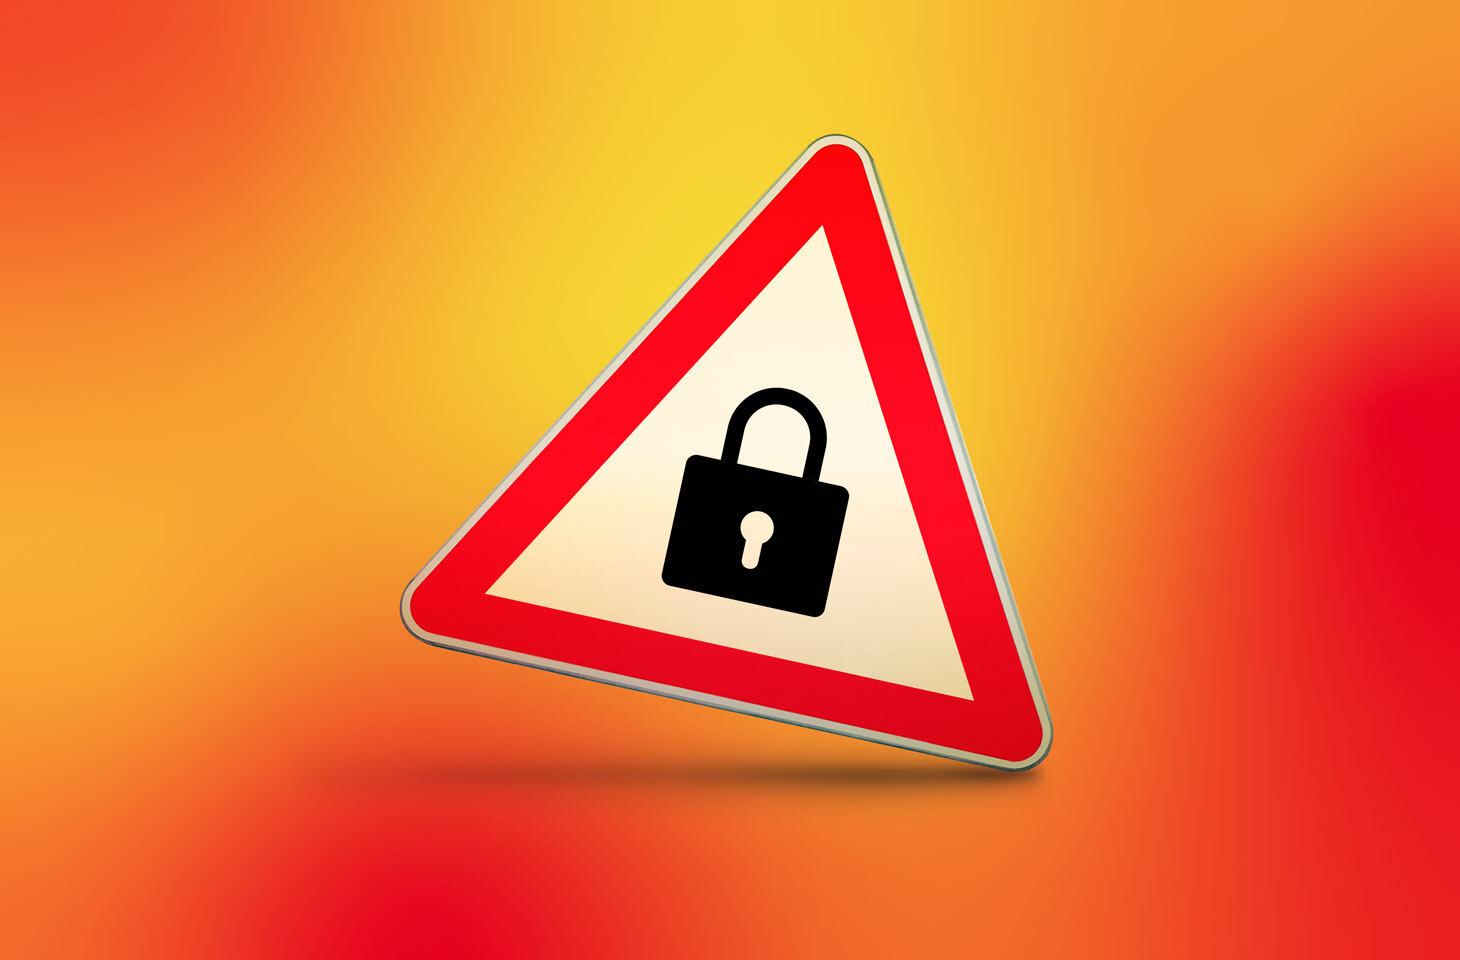 Как защититься от вирусов-шифровальщиков: пять советов   Блог Касперского